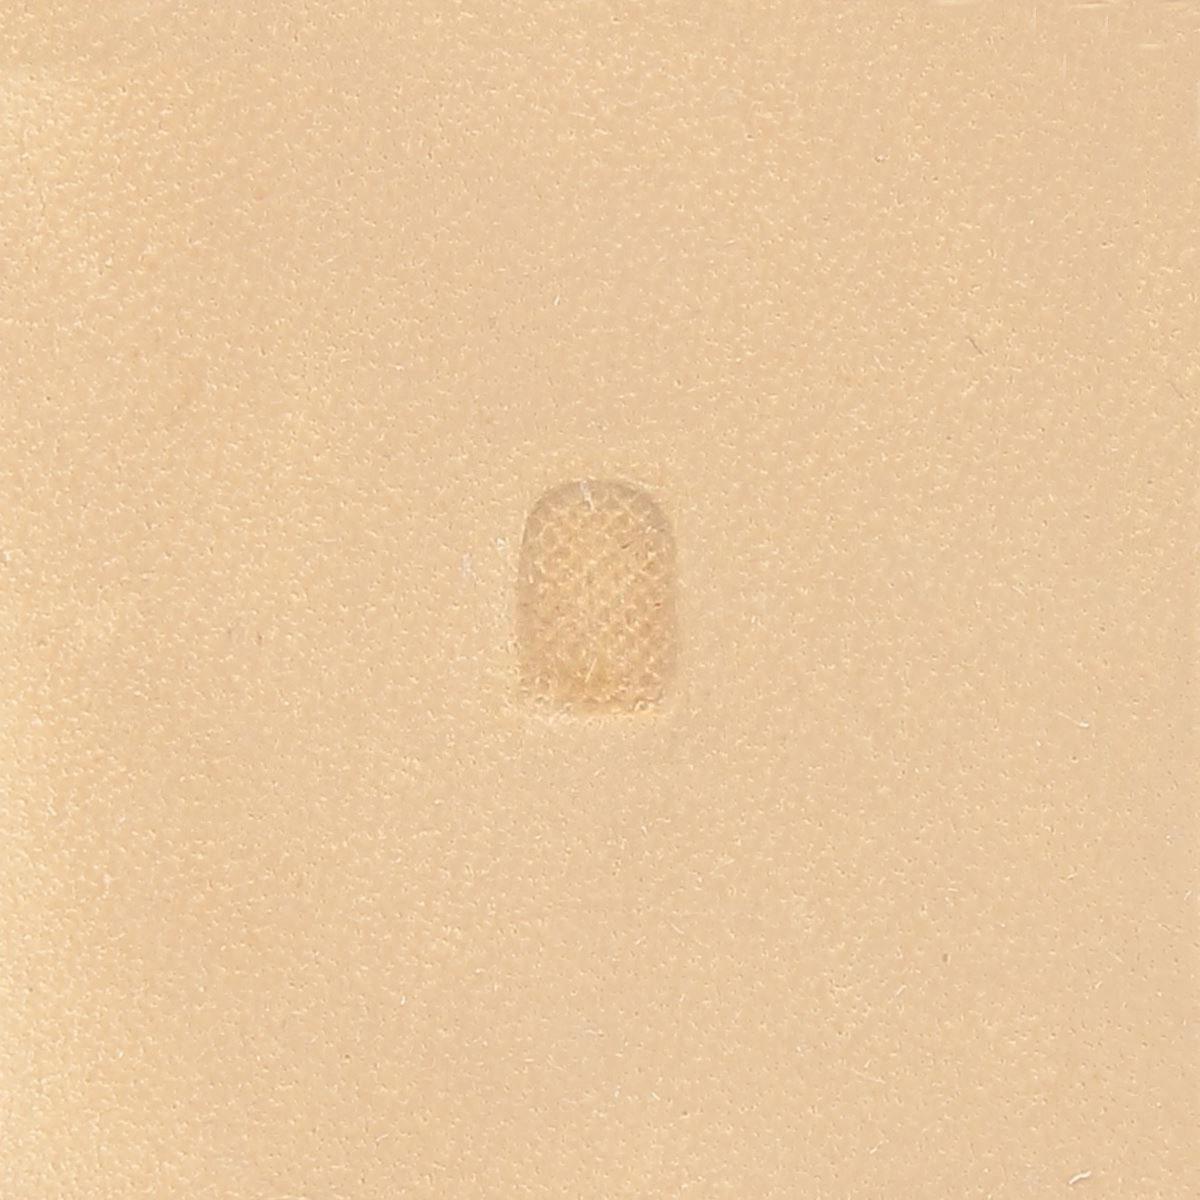 Matoir sur manche - Petite voute - 6898